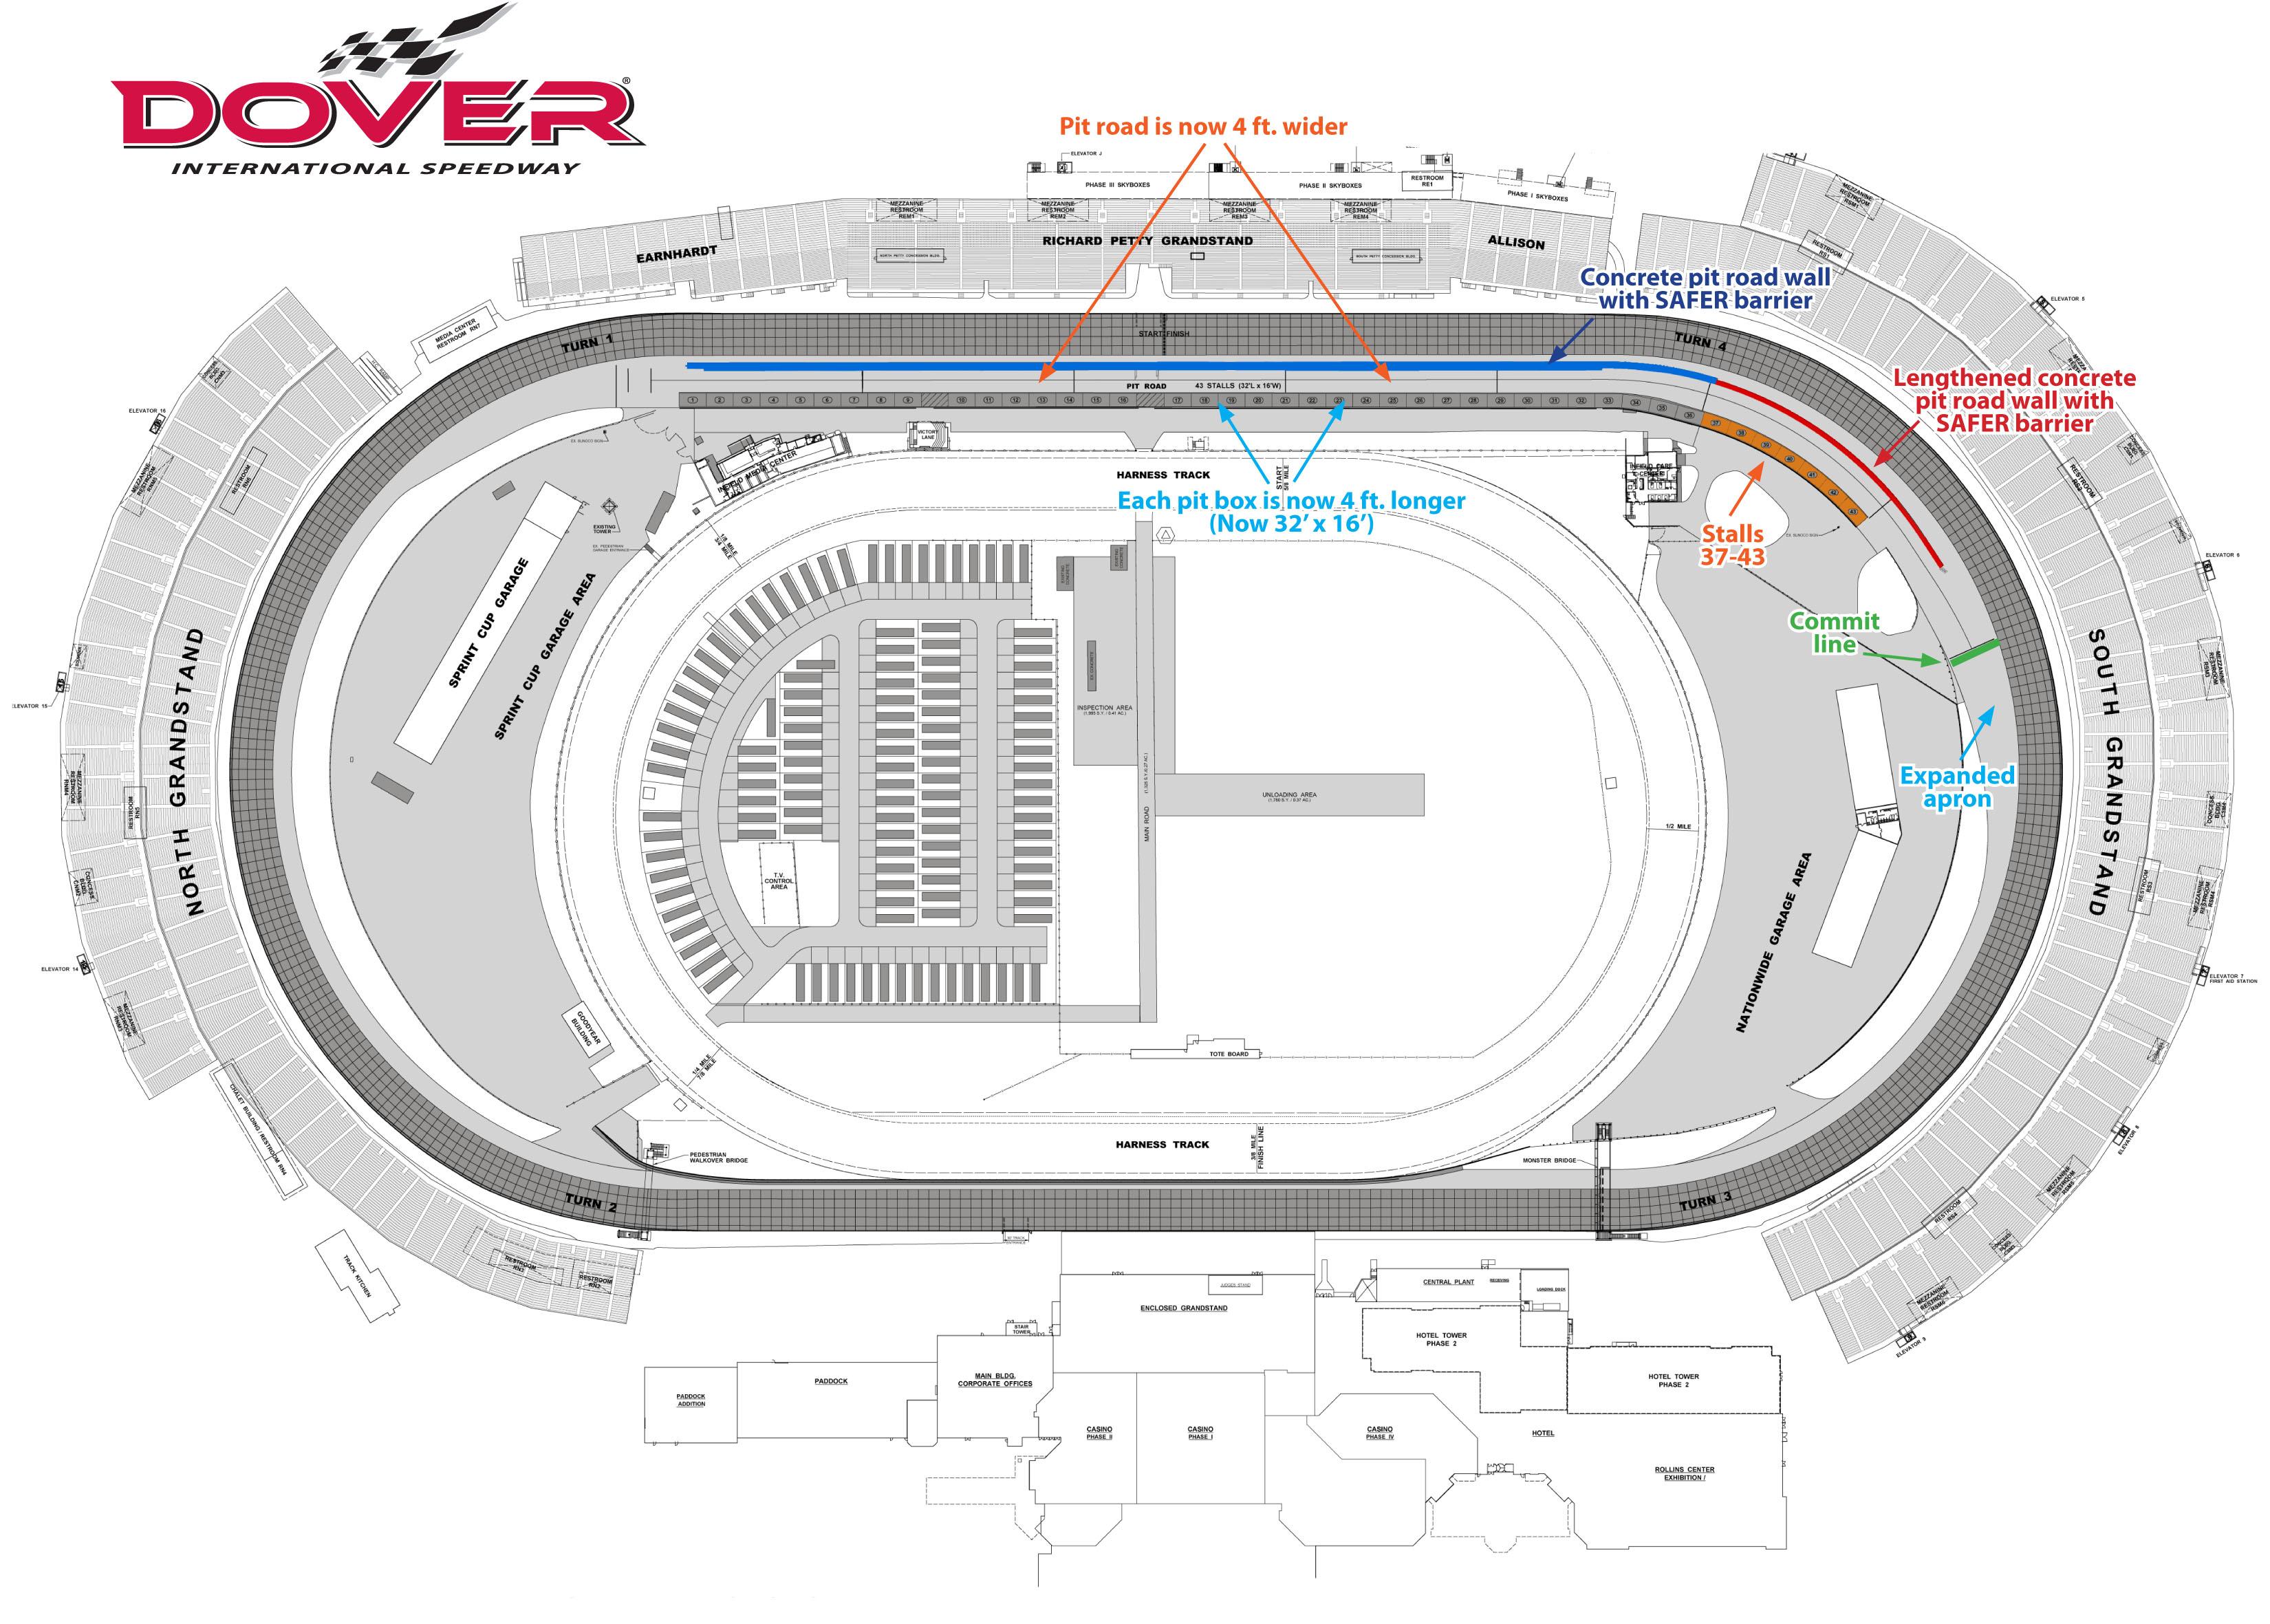 Nascar Race Track Diagrams Nascar Race Tracks Maps